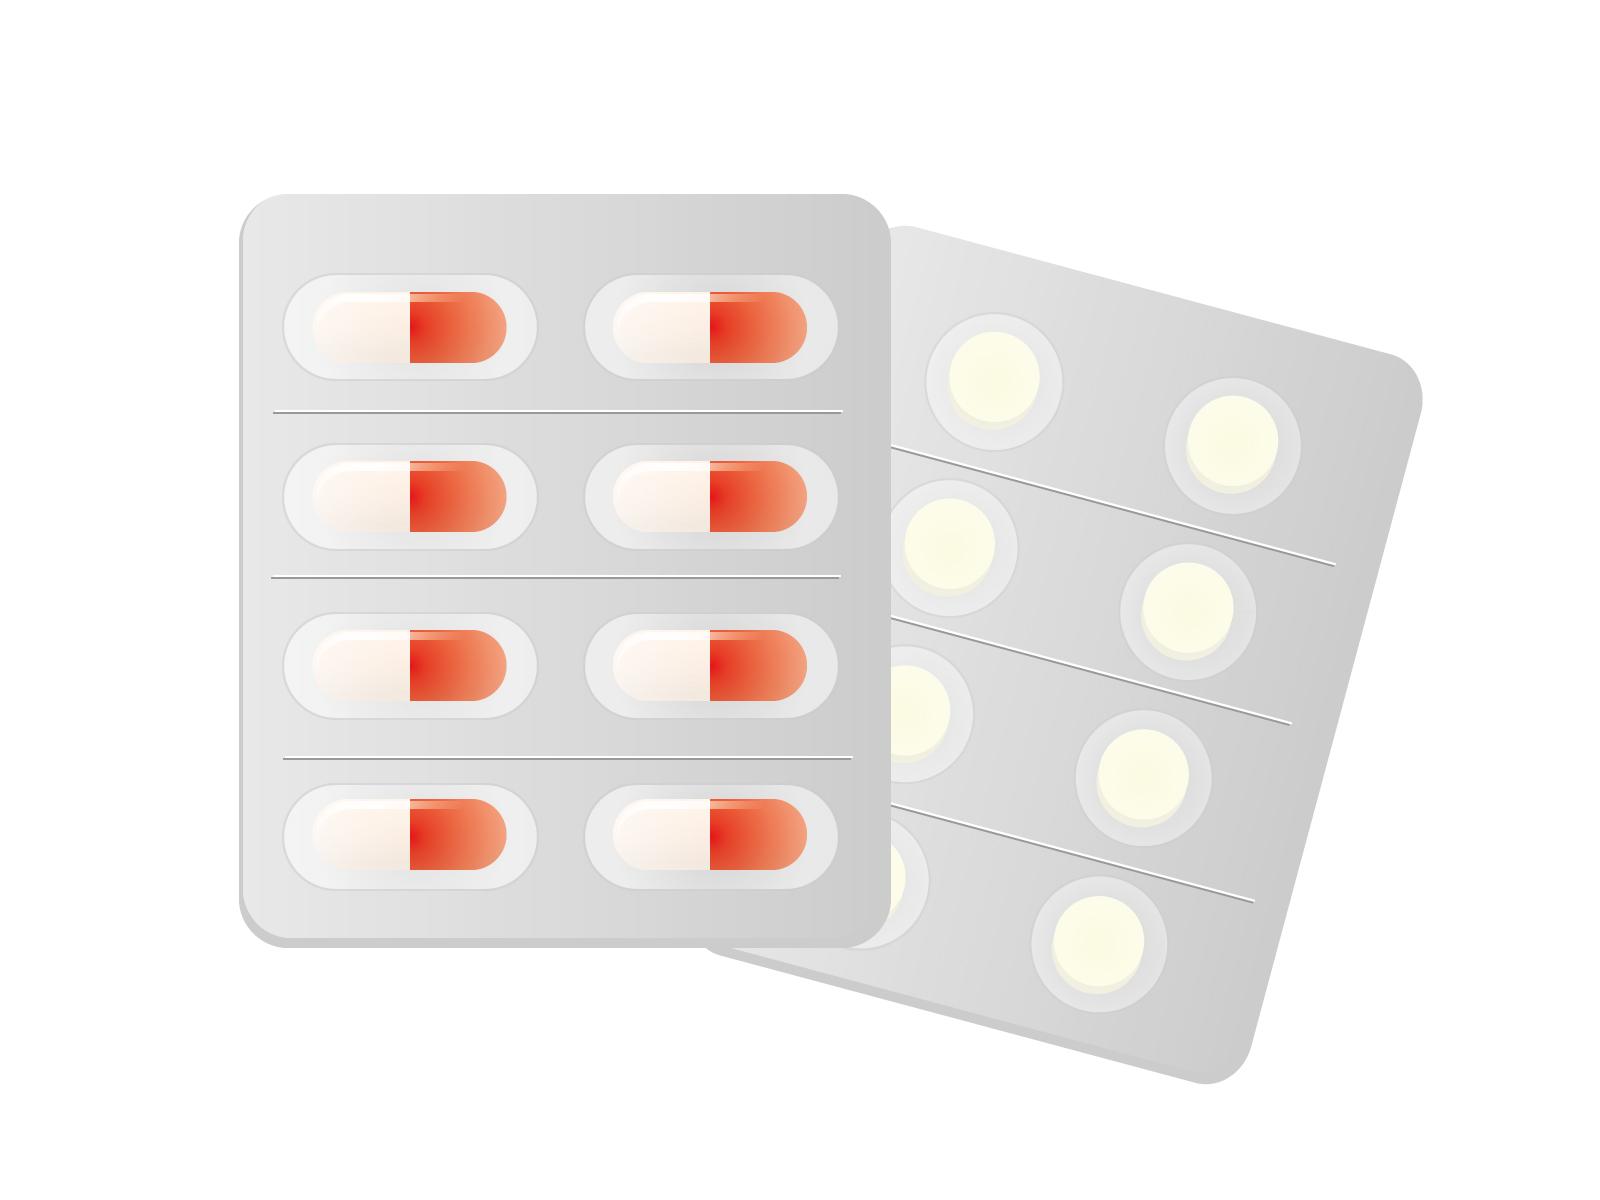 ADHDの薬コンサータの副作用で幻覚。袖から大きい蟻が